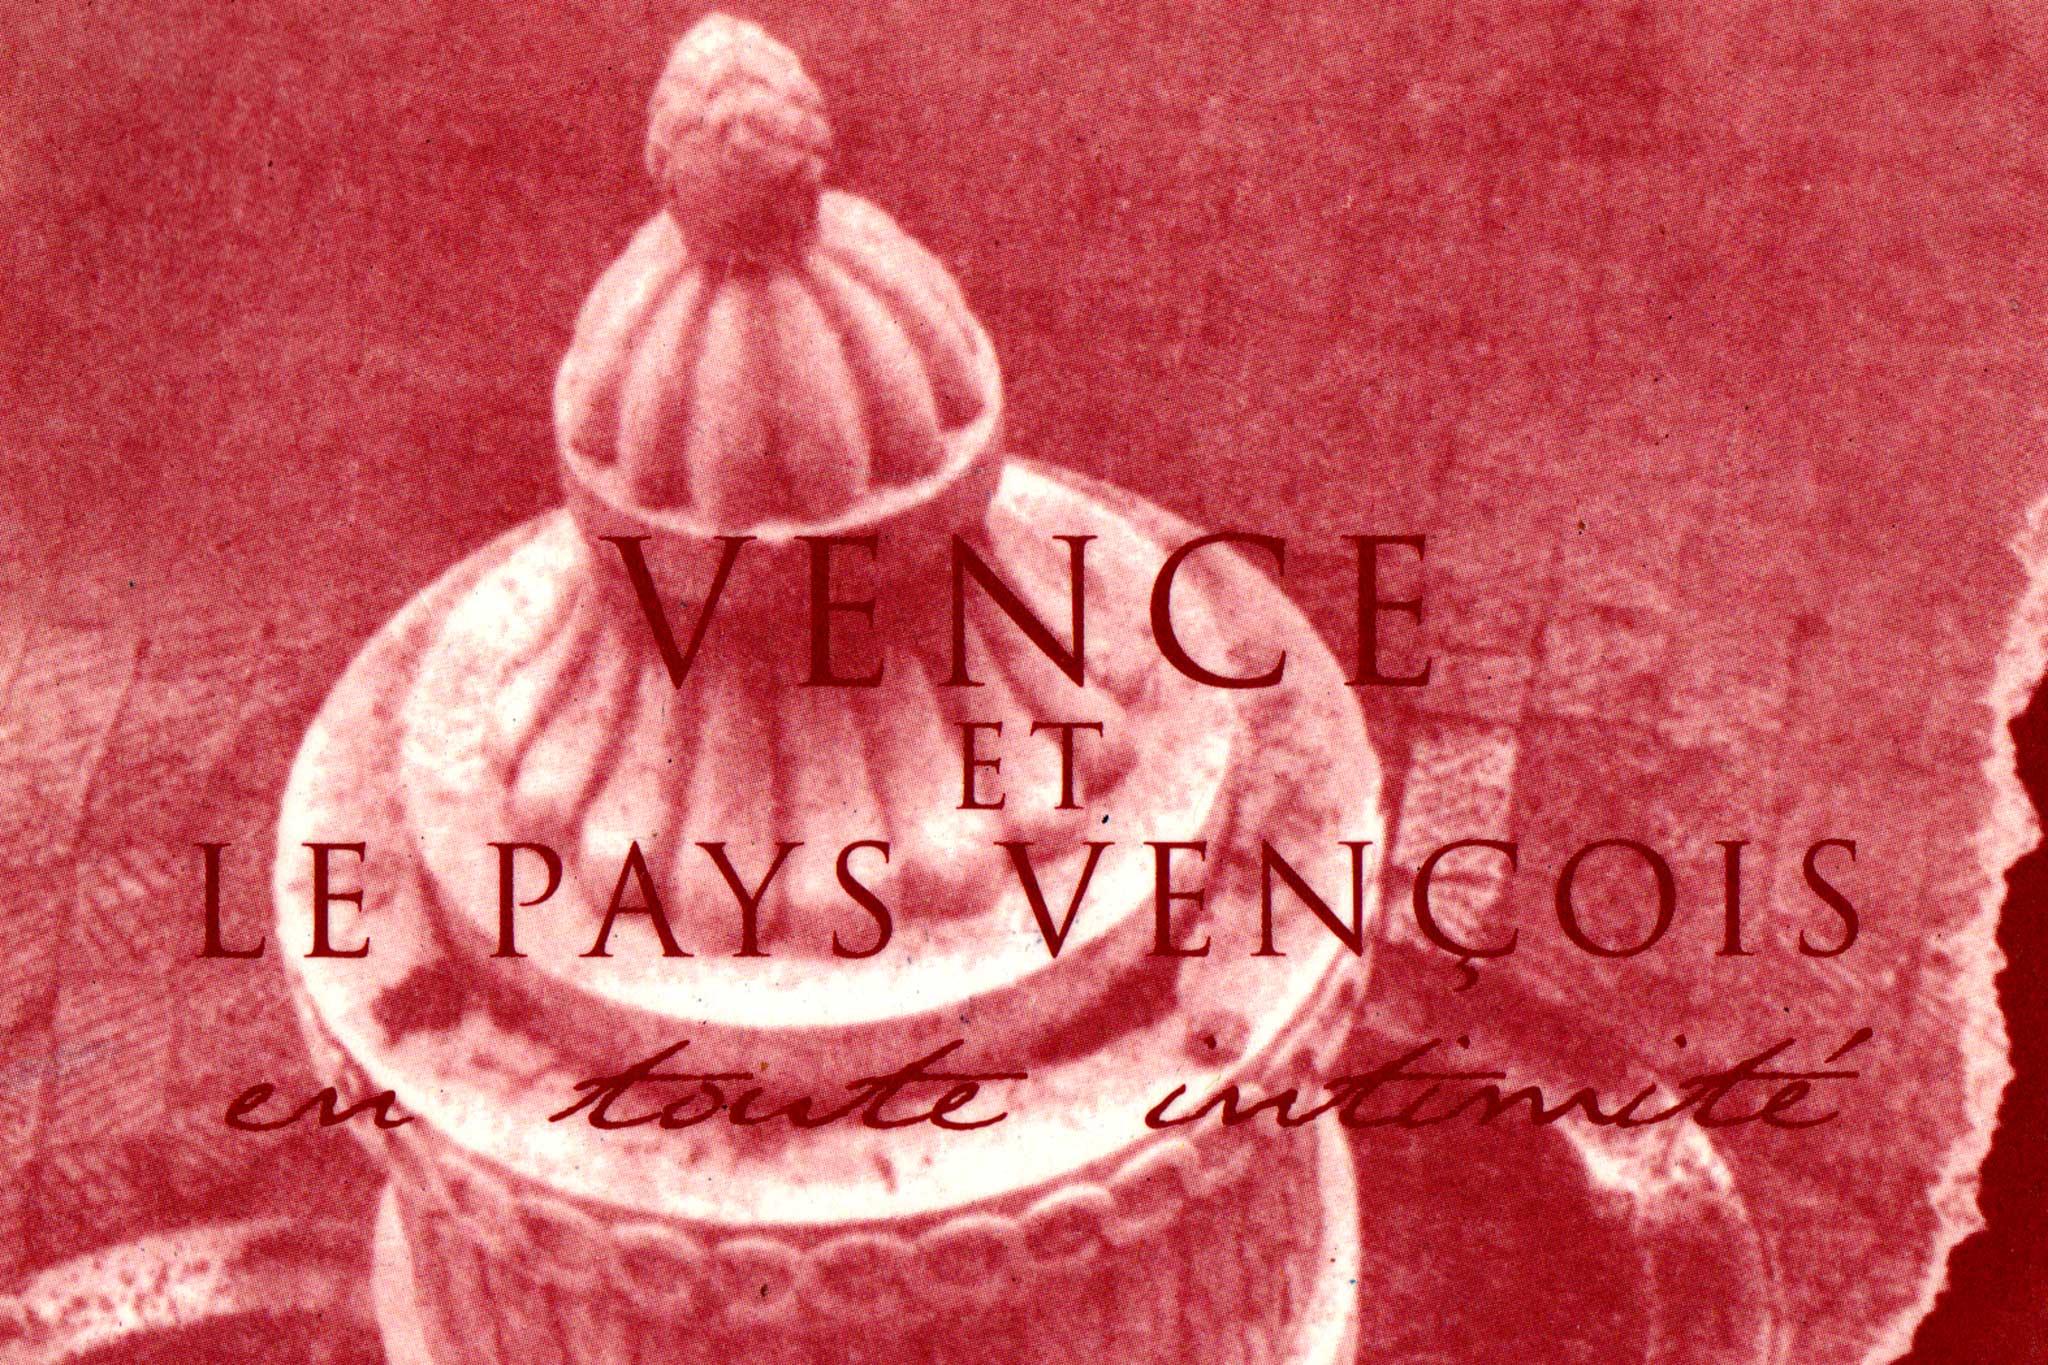 Steve & Carole in Vence - Vence et le Pays Vençois Booklet Download